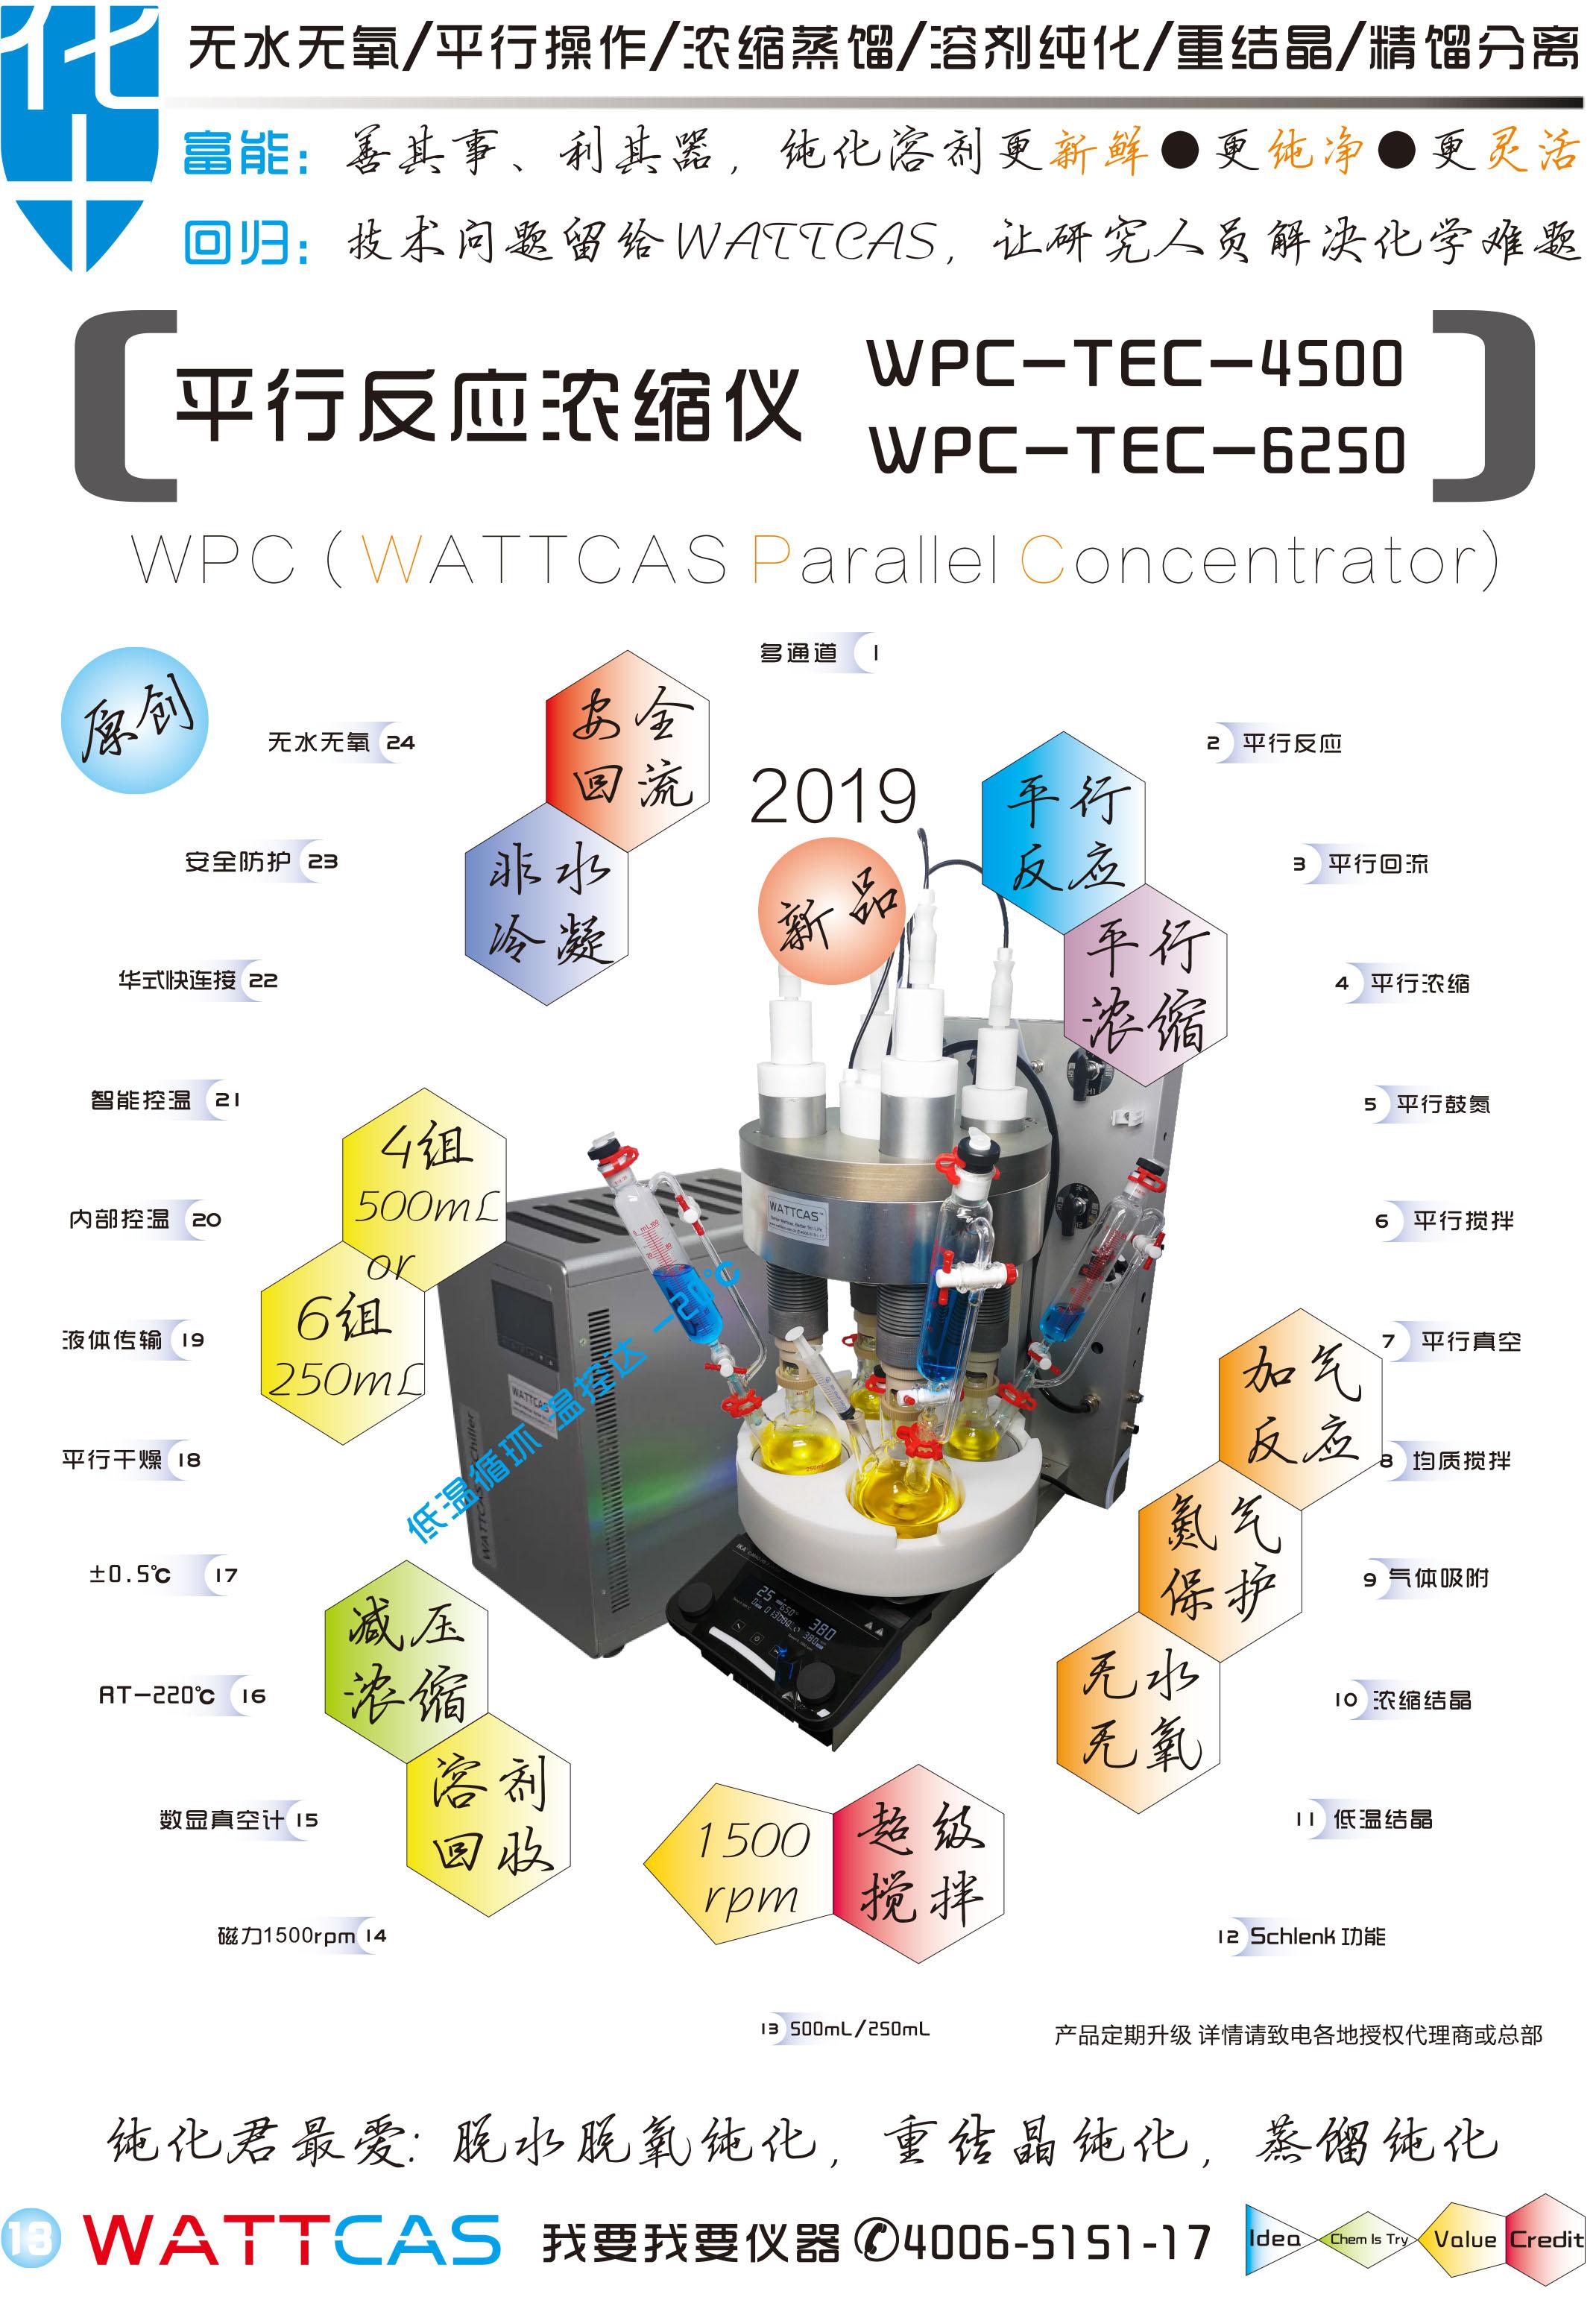 20181011华太科思,让科研生活更美好-14